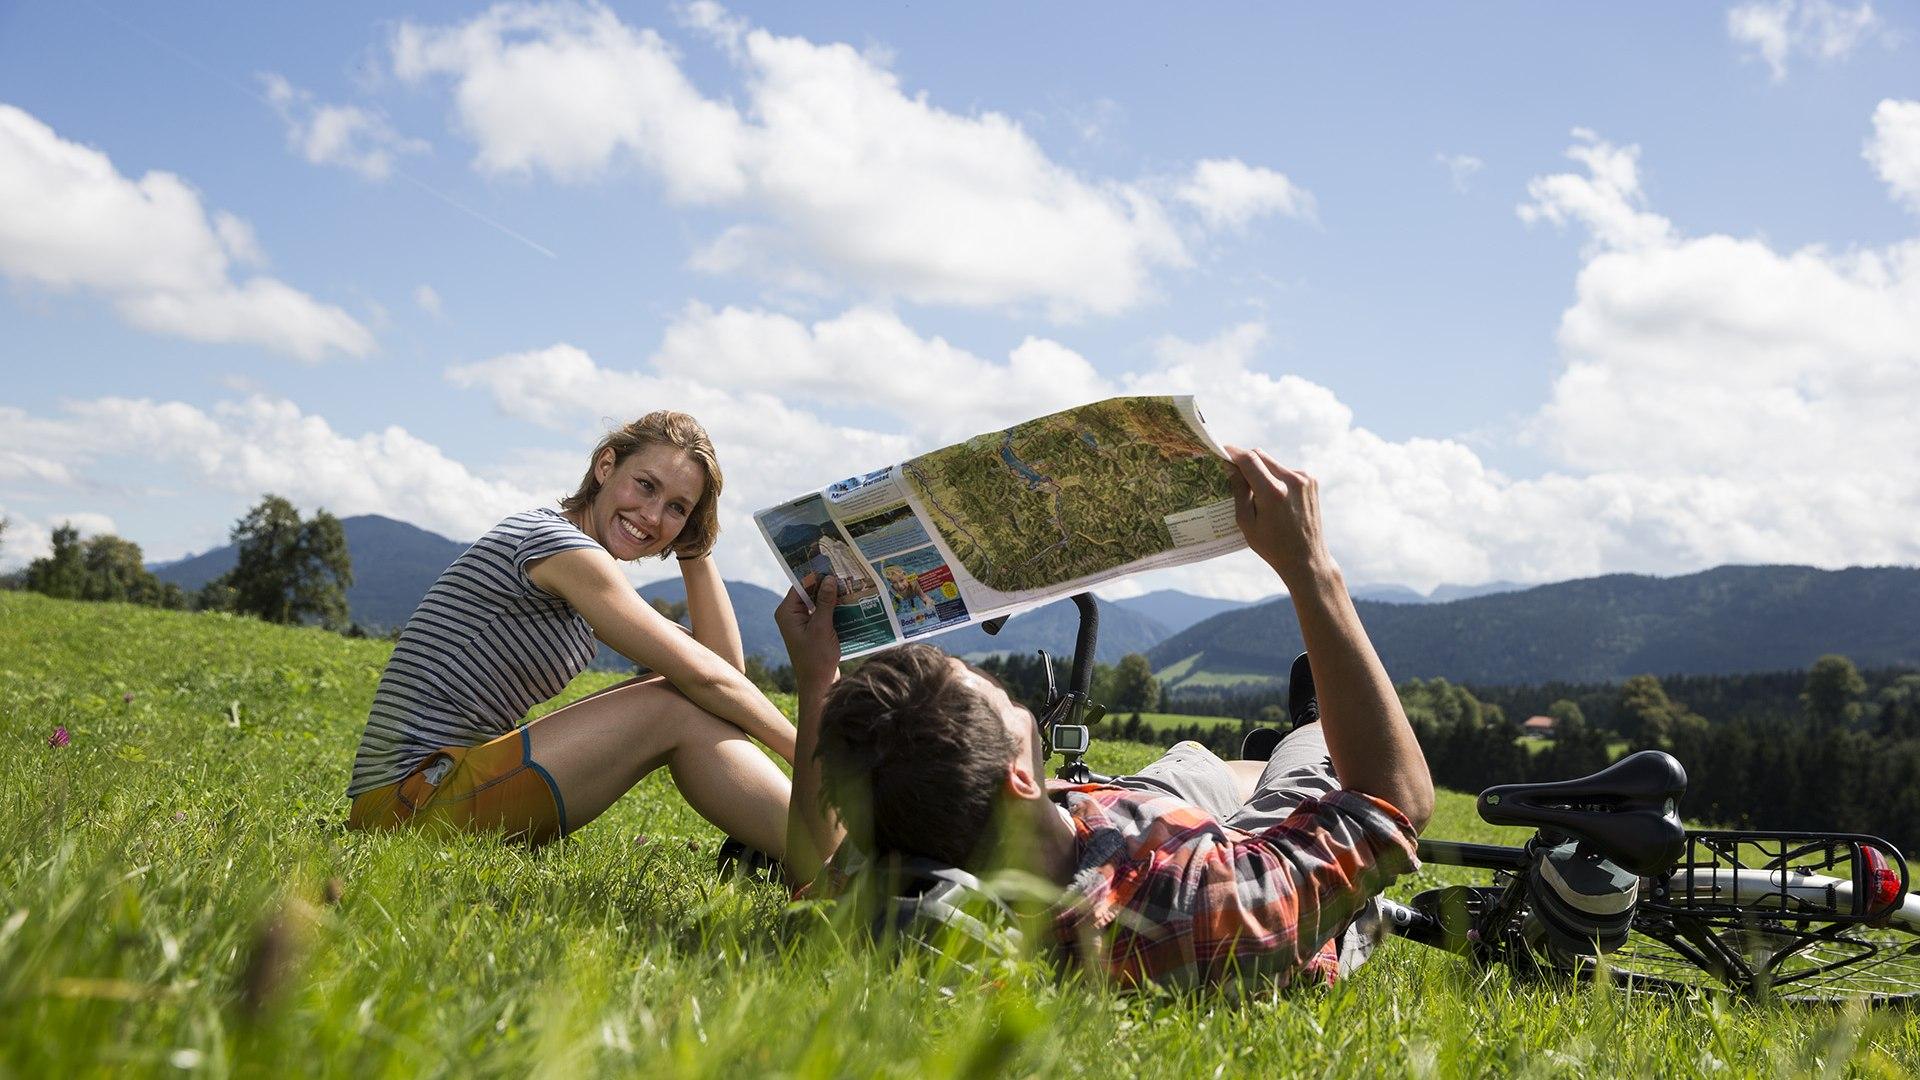 Entspannen und Radeln - ein perfektes Urlaubsduo in der Alpenregion, © Hansi Heckmair